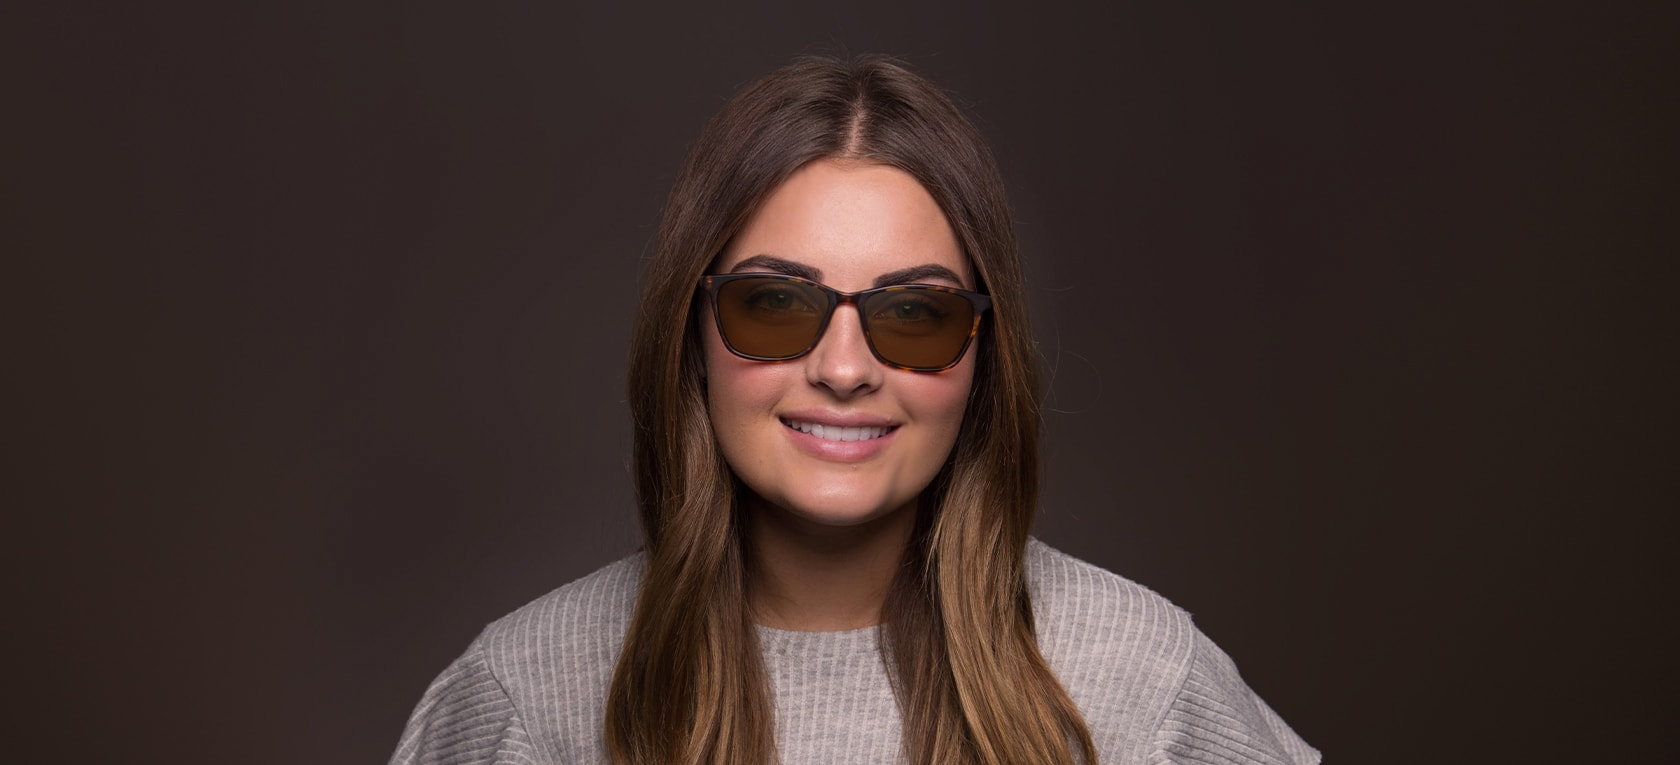 Image of model wearing Adele frames